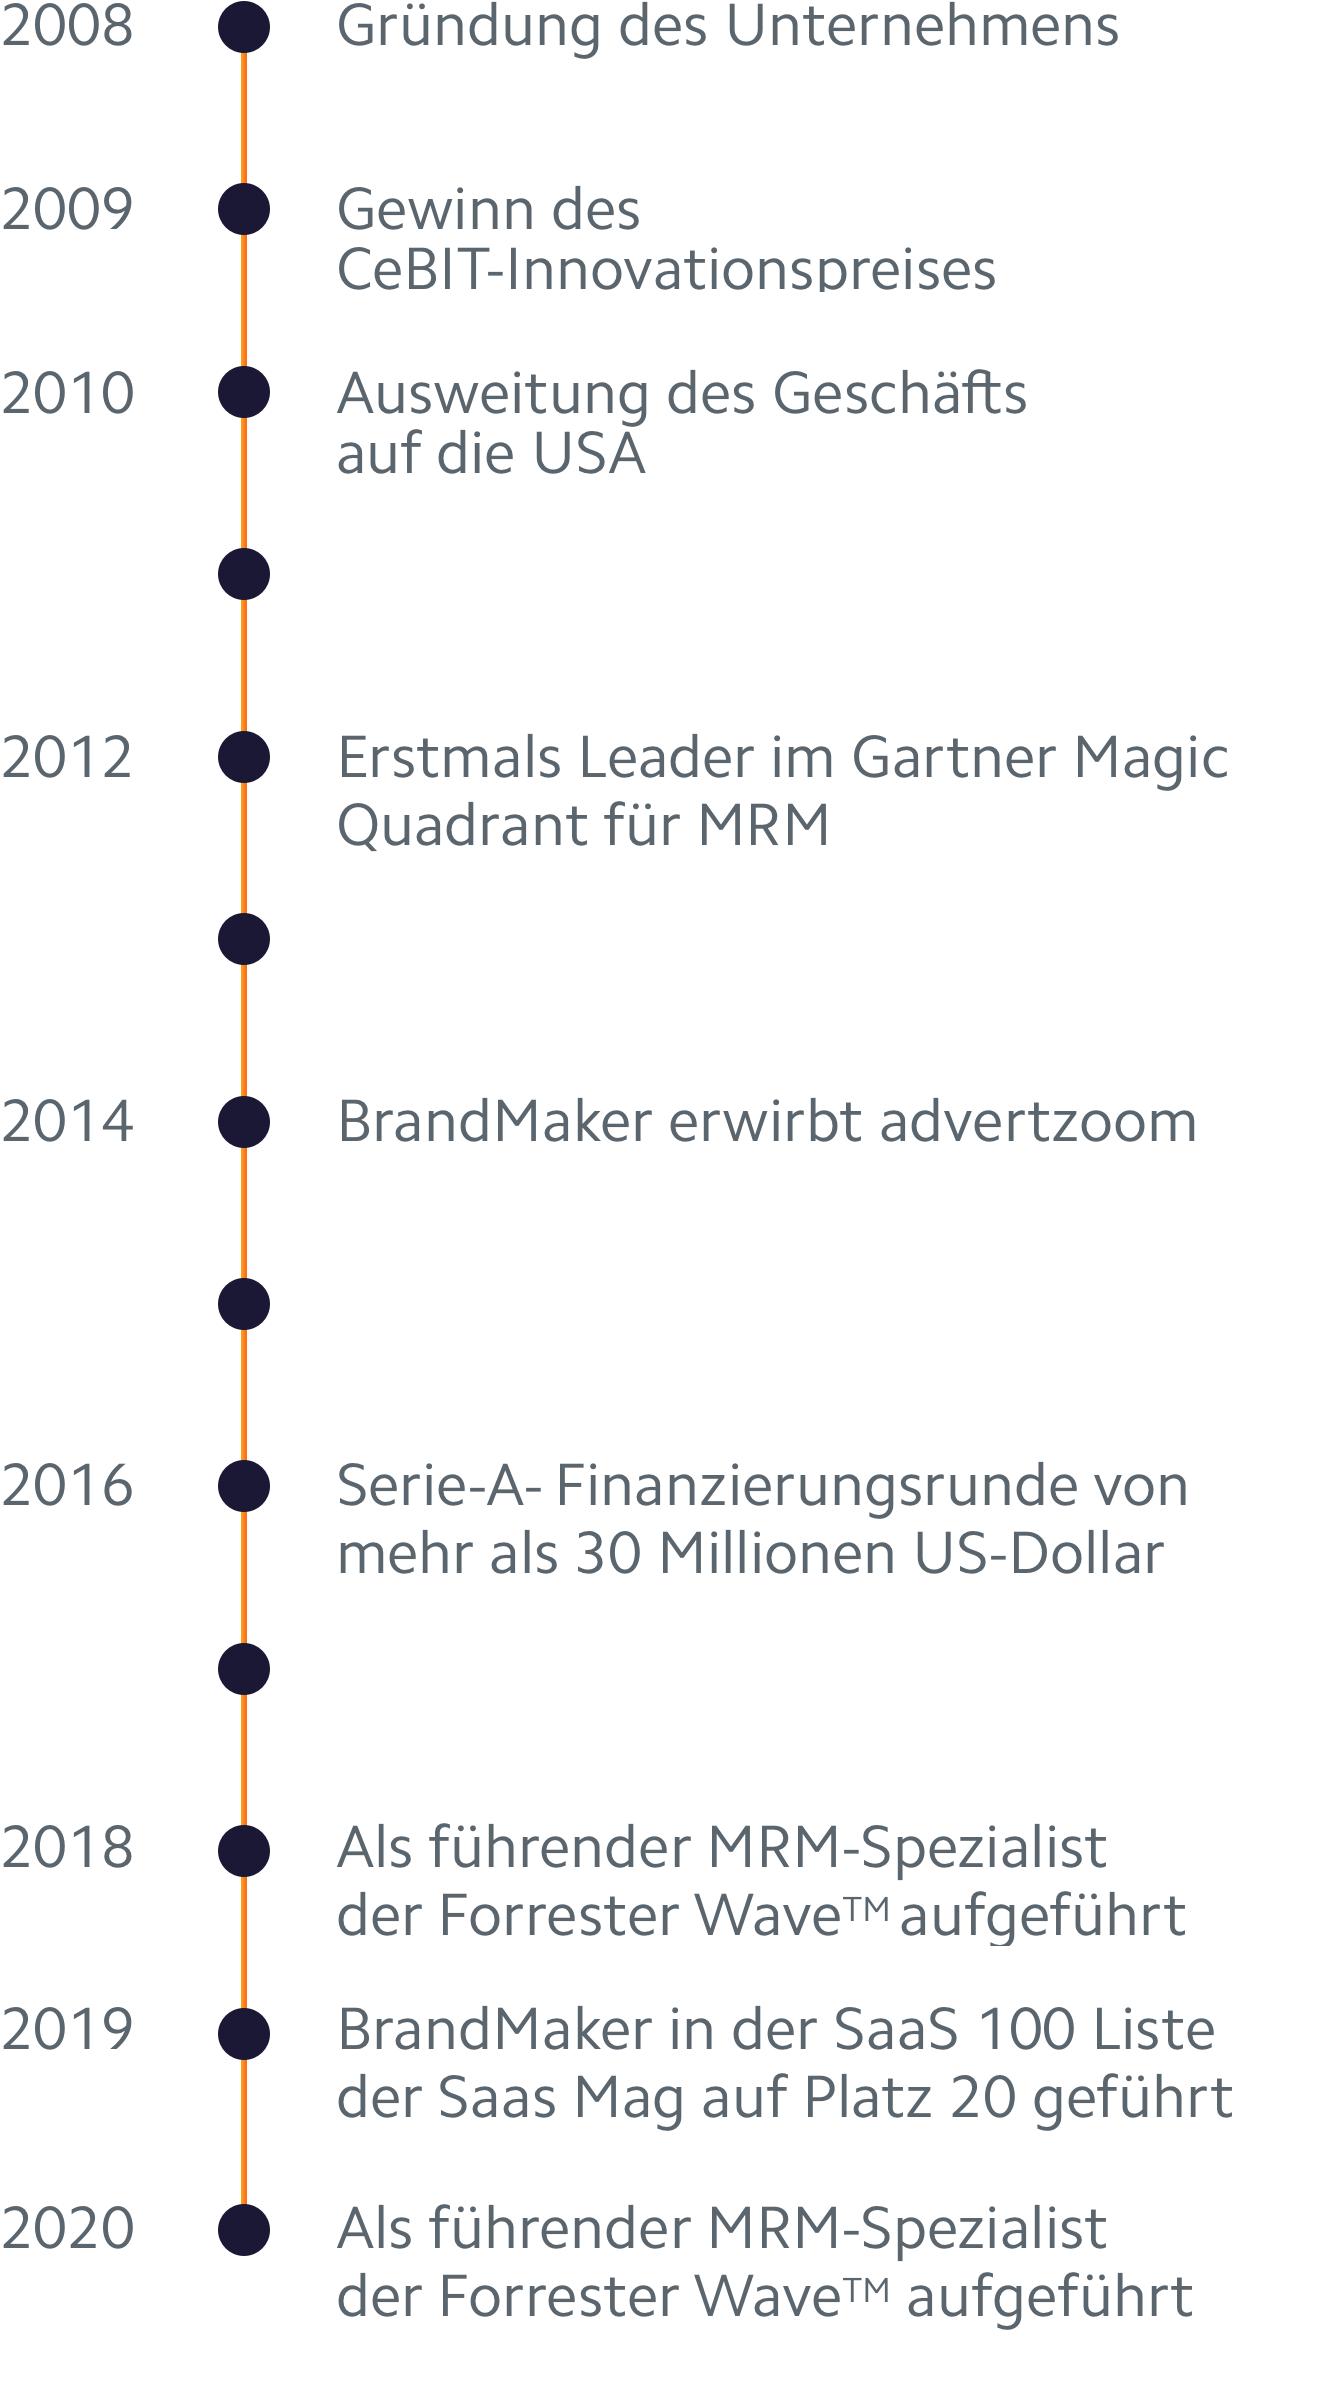 Geschichte von BrandMaker als Meilensteine